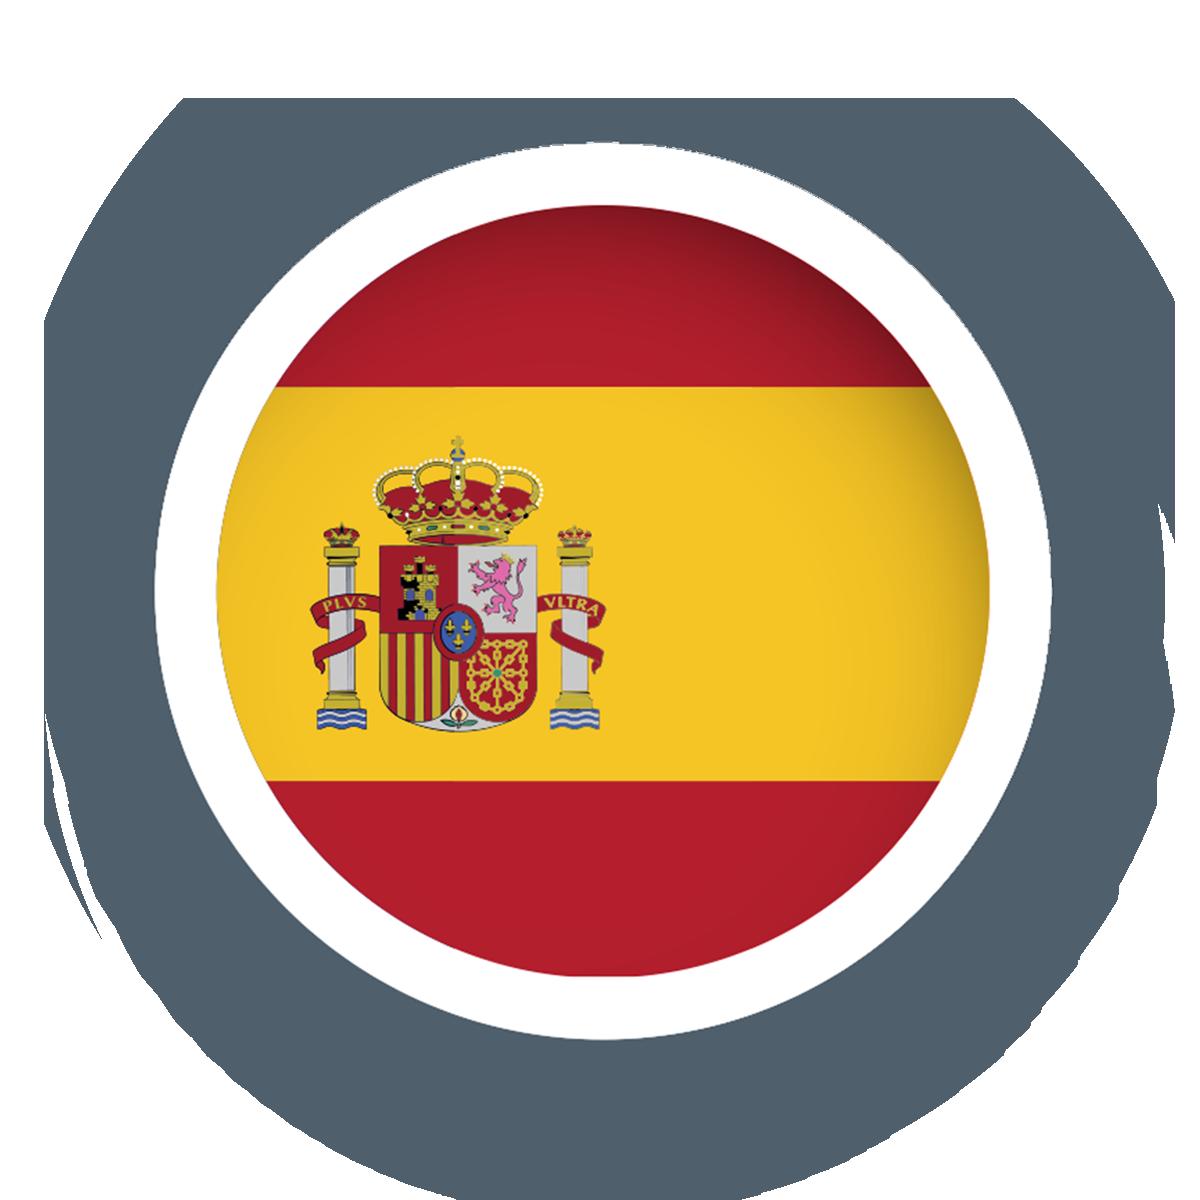 Diğer Yabancı Dil Eğitimleri - ispanyolca Kategori kopya - Amerikan Dili Edebiyatı Yabancı Dil Kursları -